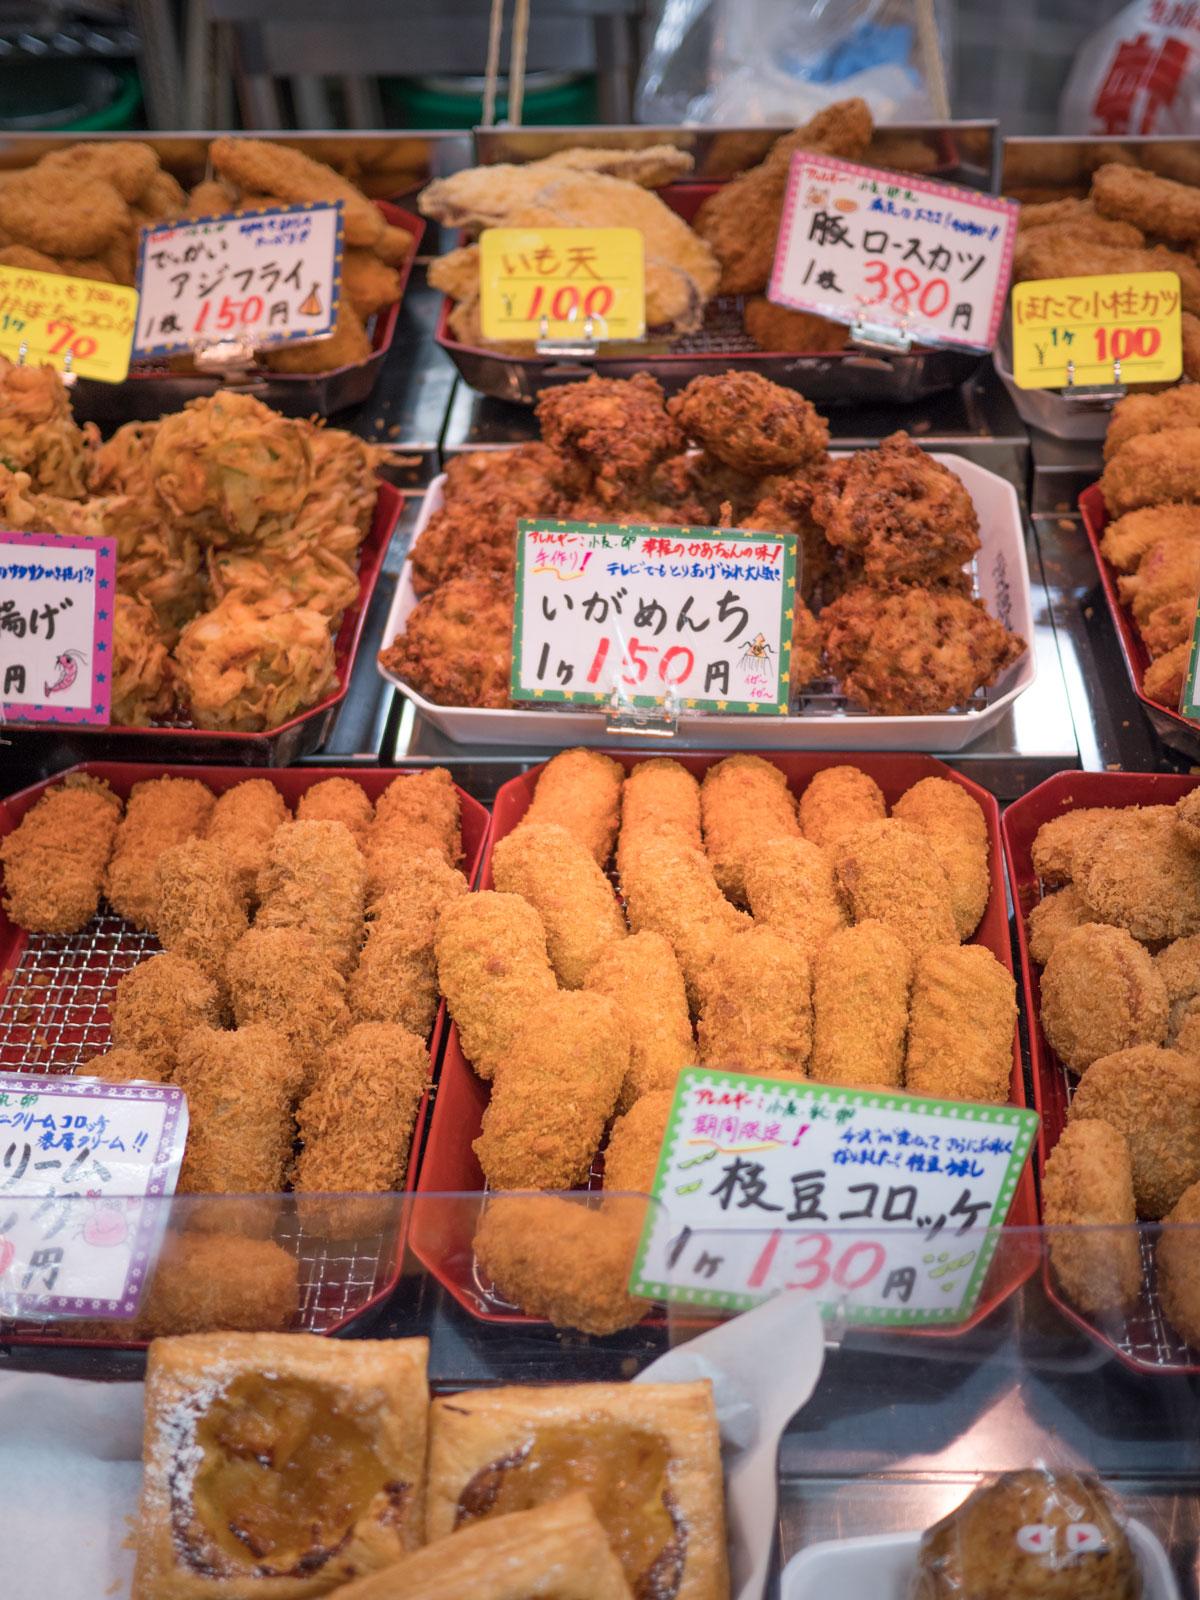 弘前「虹マート」惣菜店の揚げ物各種 スイーツもある 撮影:DMC-GX8 + LEICA DG 12-60mm